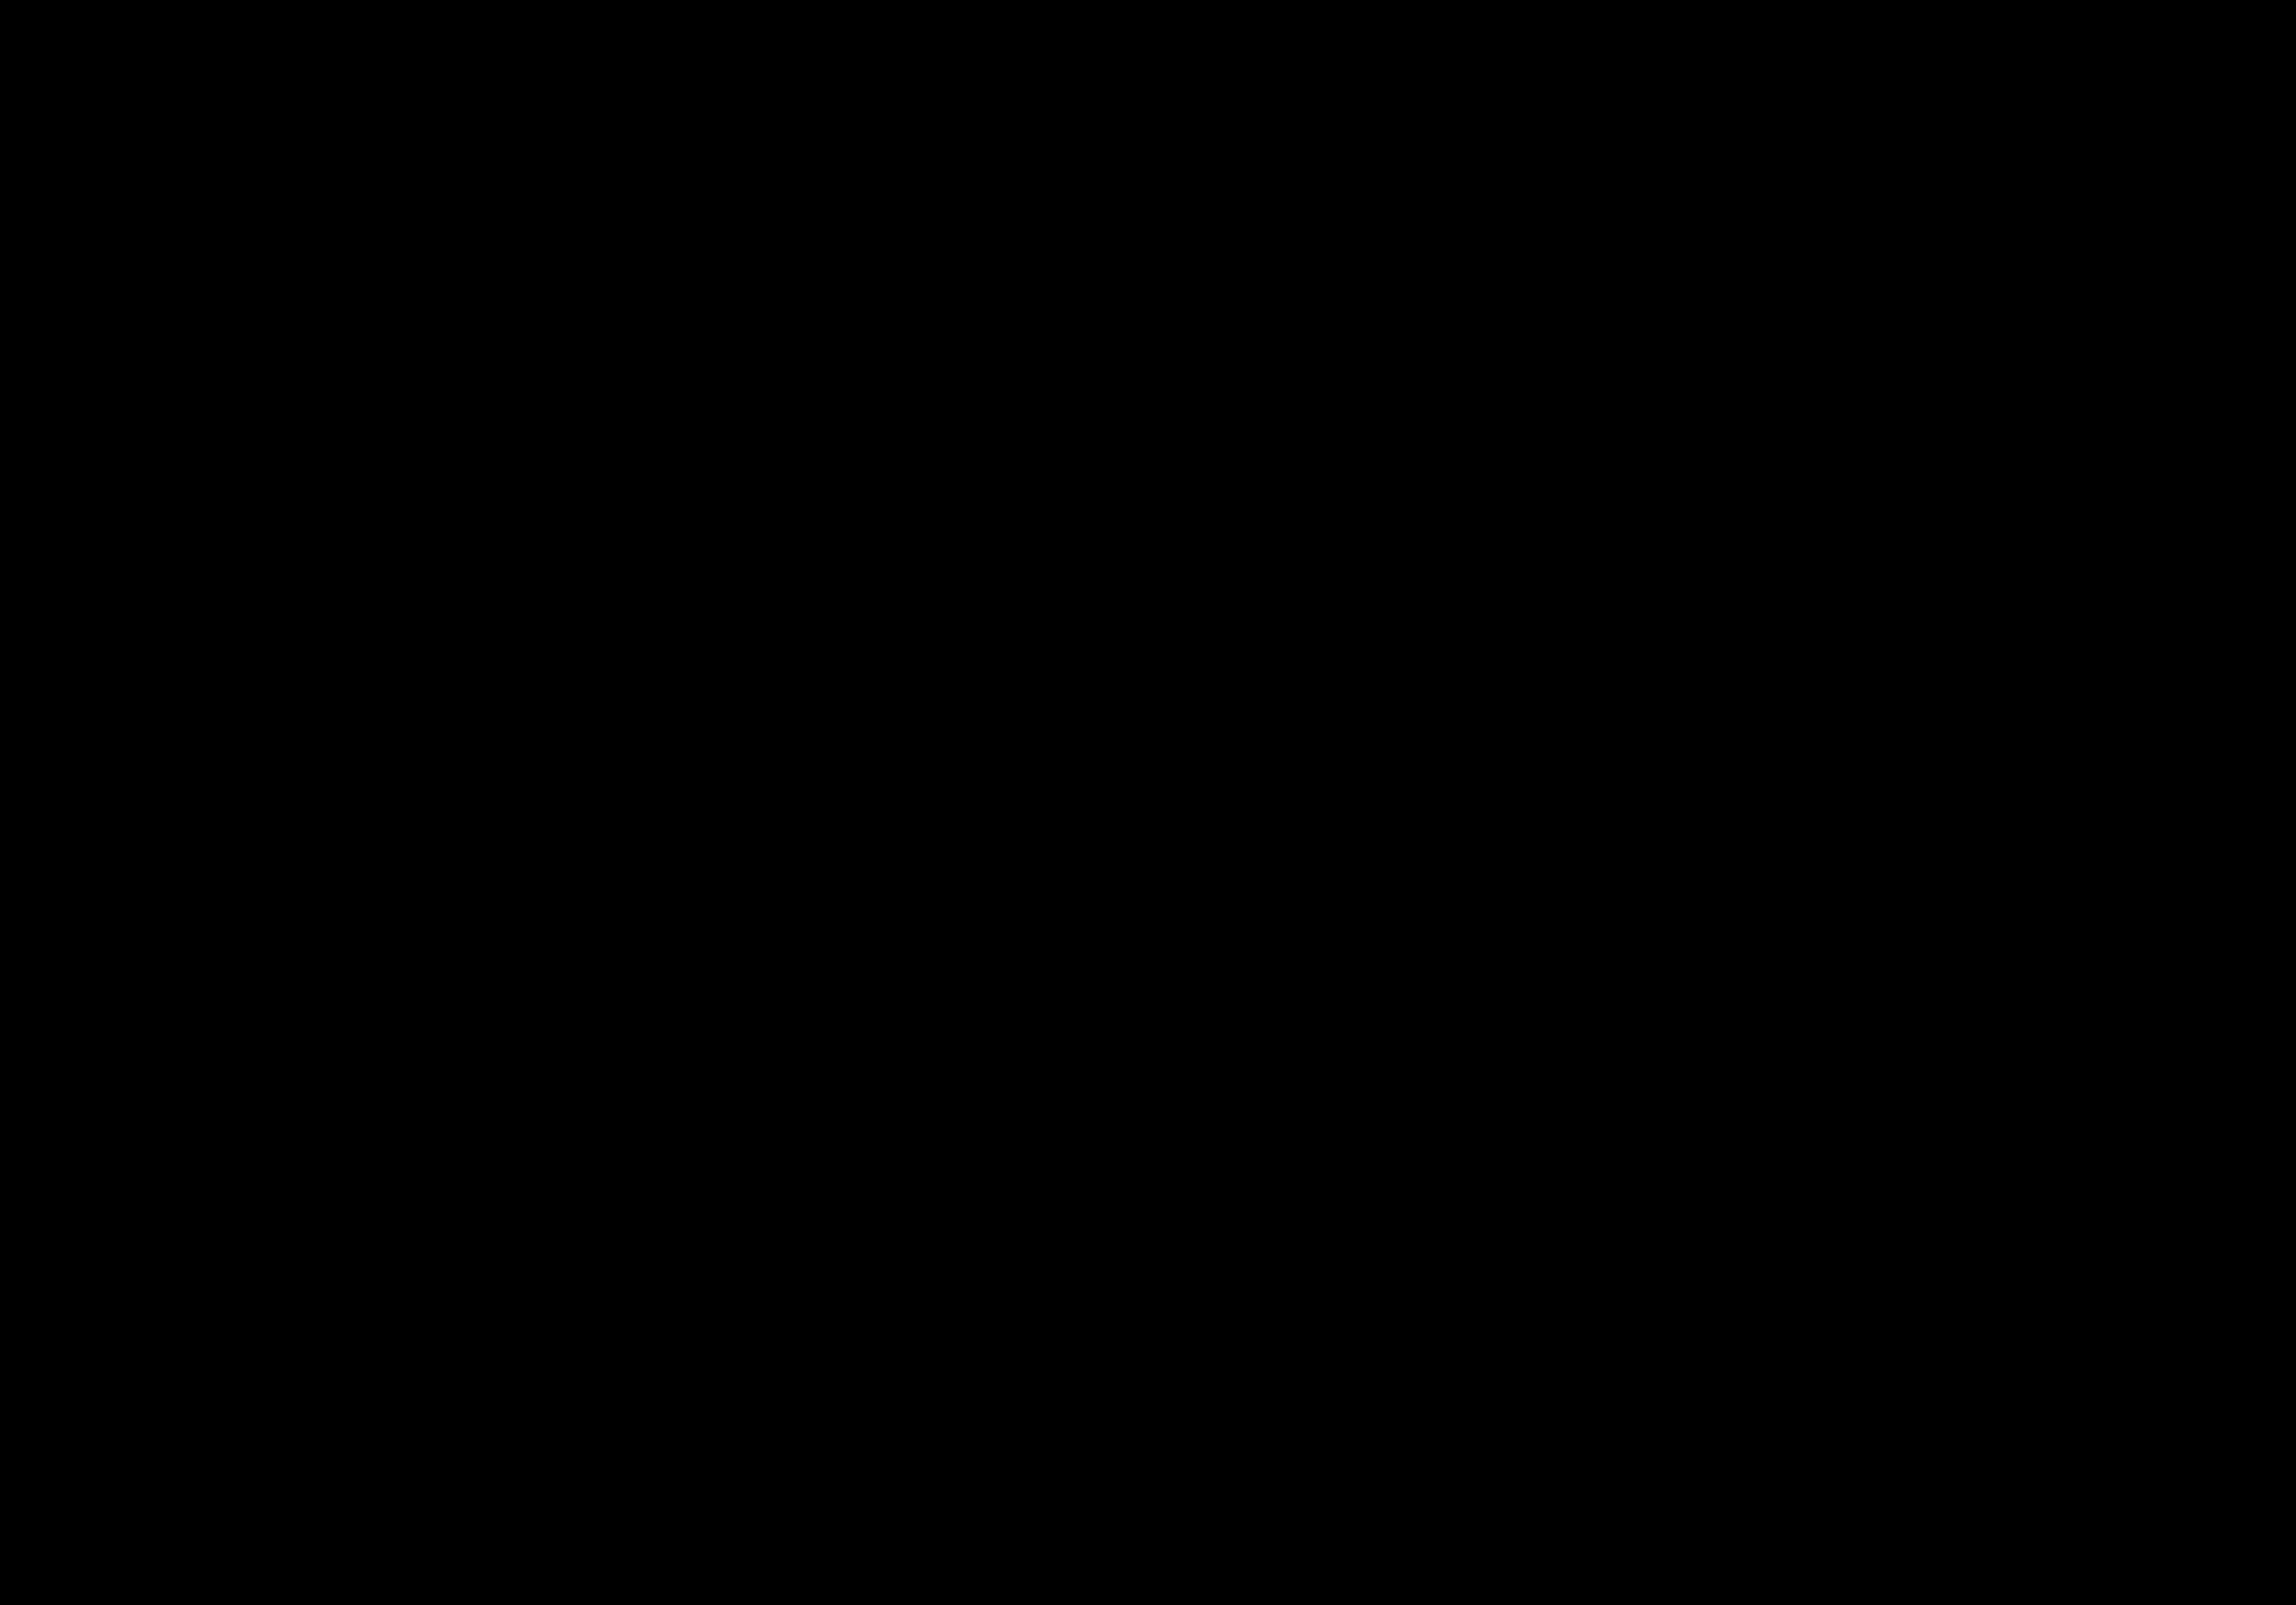 Фото женщина в топлес, Домашние фото девушек ню топлес Порно картинки 6 фотография